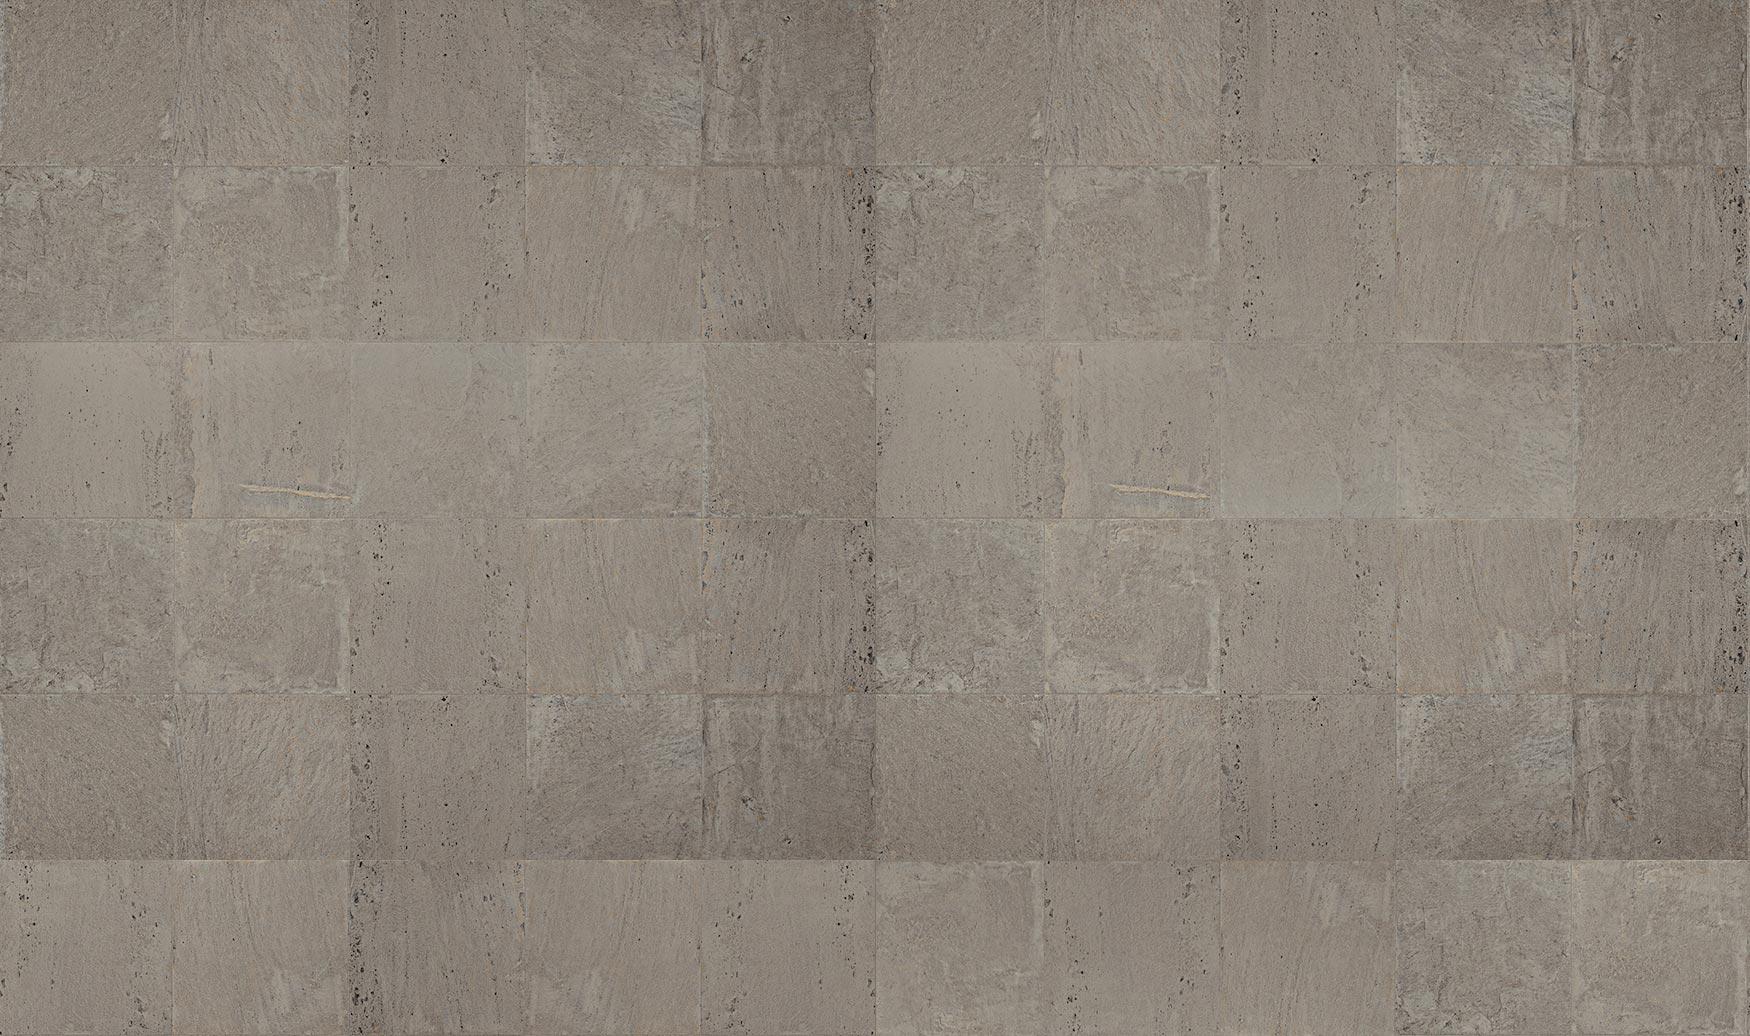 Colore Fughe Piastrelle Beige piastrelle 80x80 | mattonelle xxl 80x80 in gres porcellanato